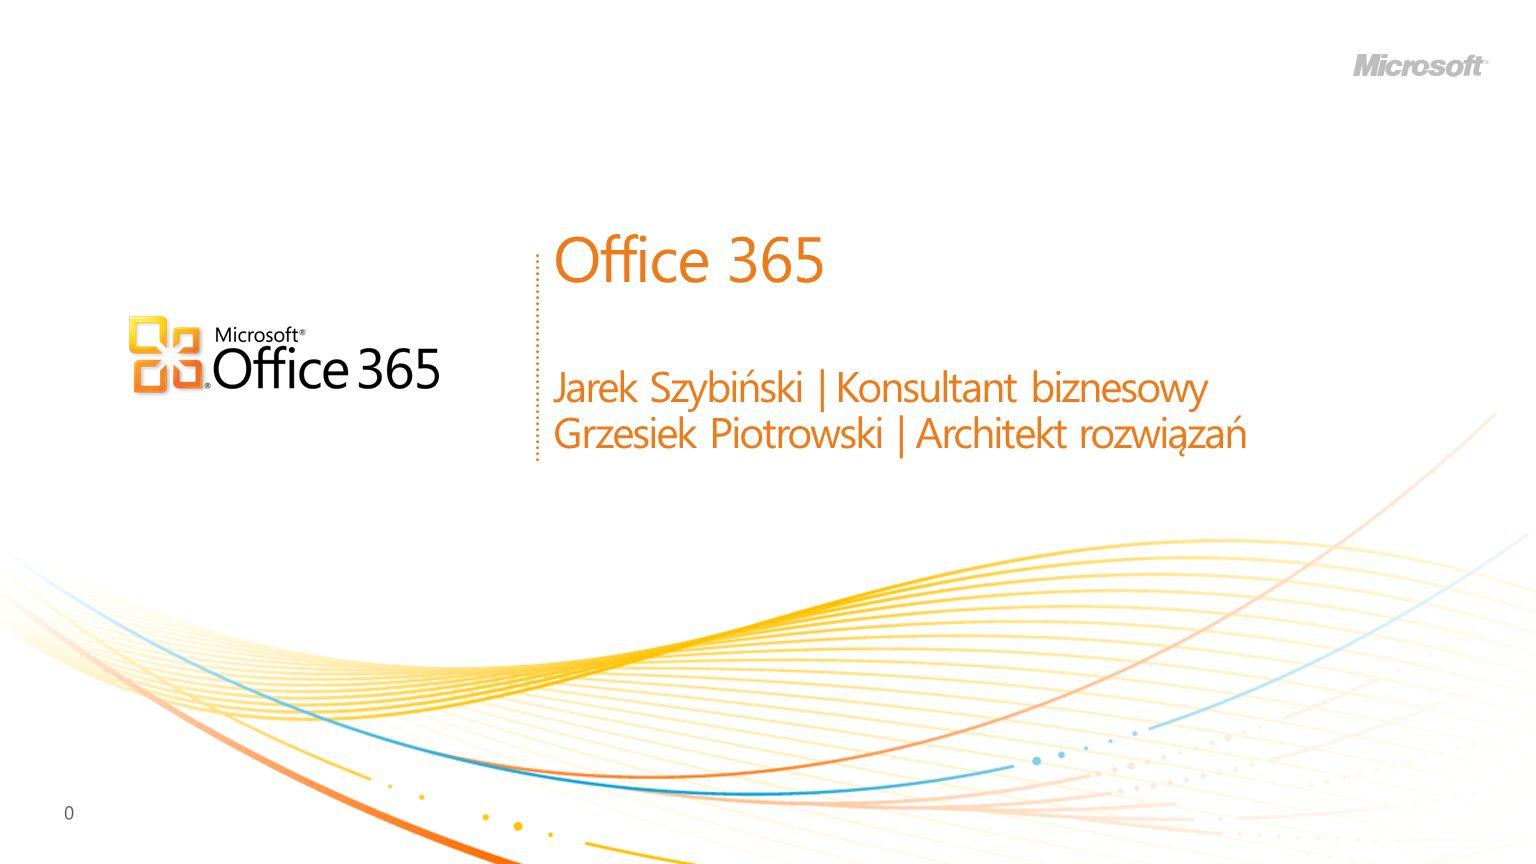 Office 365 Jarek Szybiński | Konsultant biznesowy Grzesiek Piotrowski | Architekt rozwiązań